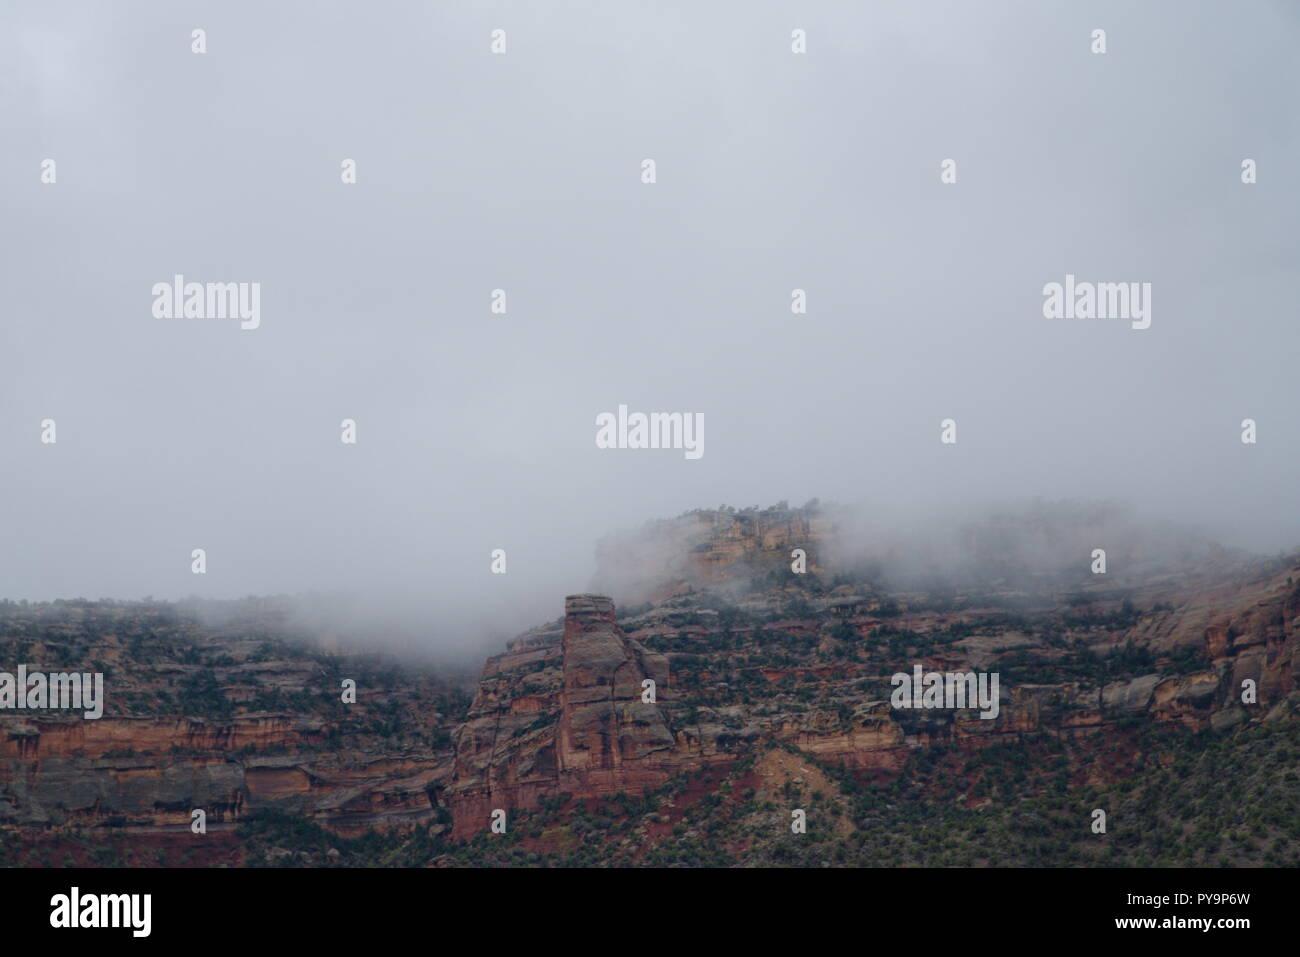 Le Colorado National Monument enveloppé d'une couche de brouillard. Les nuages au-dessus sont gris et sombre. Le ton général est abattu. Photo Stock